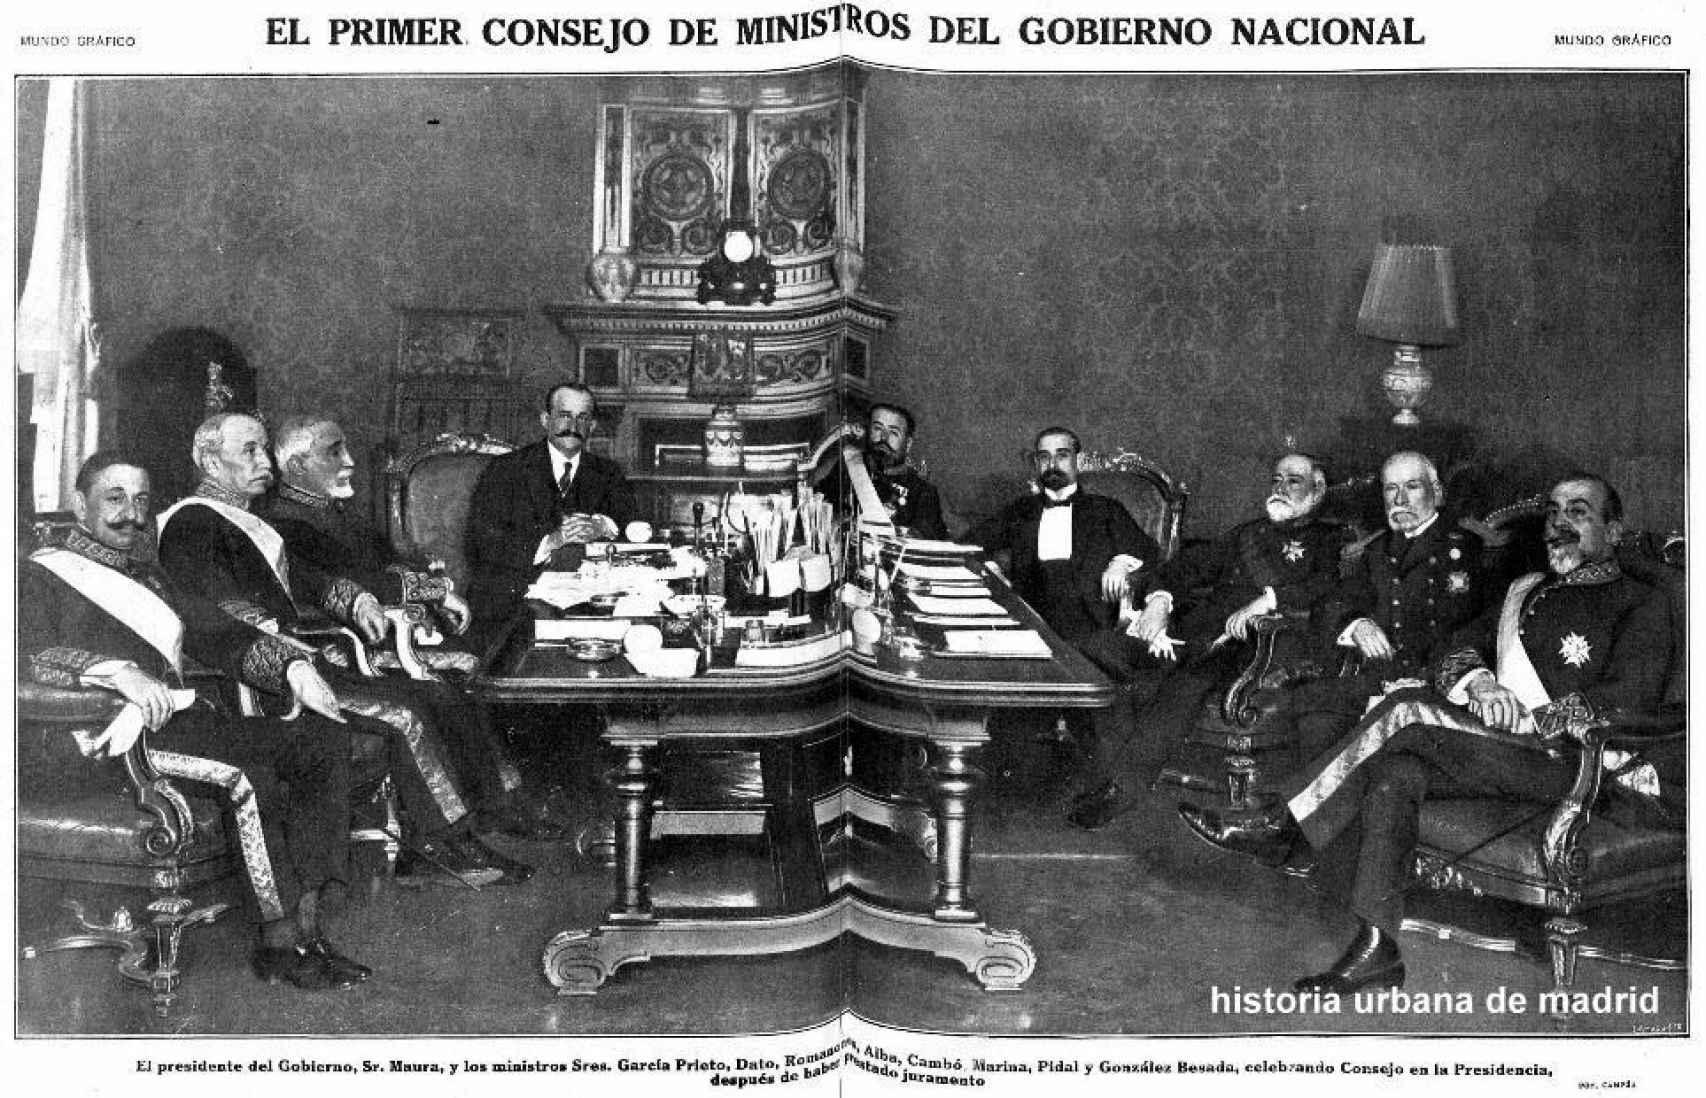 Antonio Maura (tercero por la izquierda), entre Dato y Romanones, presidiendo el gobierno de unidad nacional de 1922.